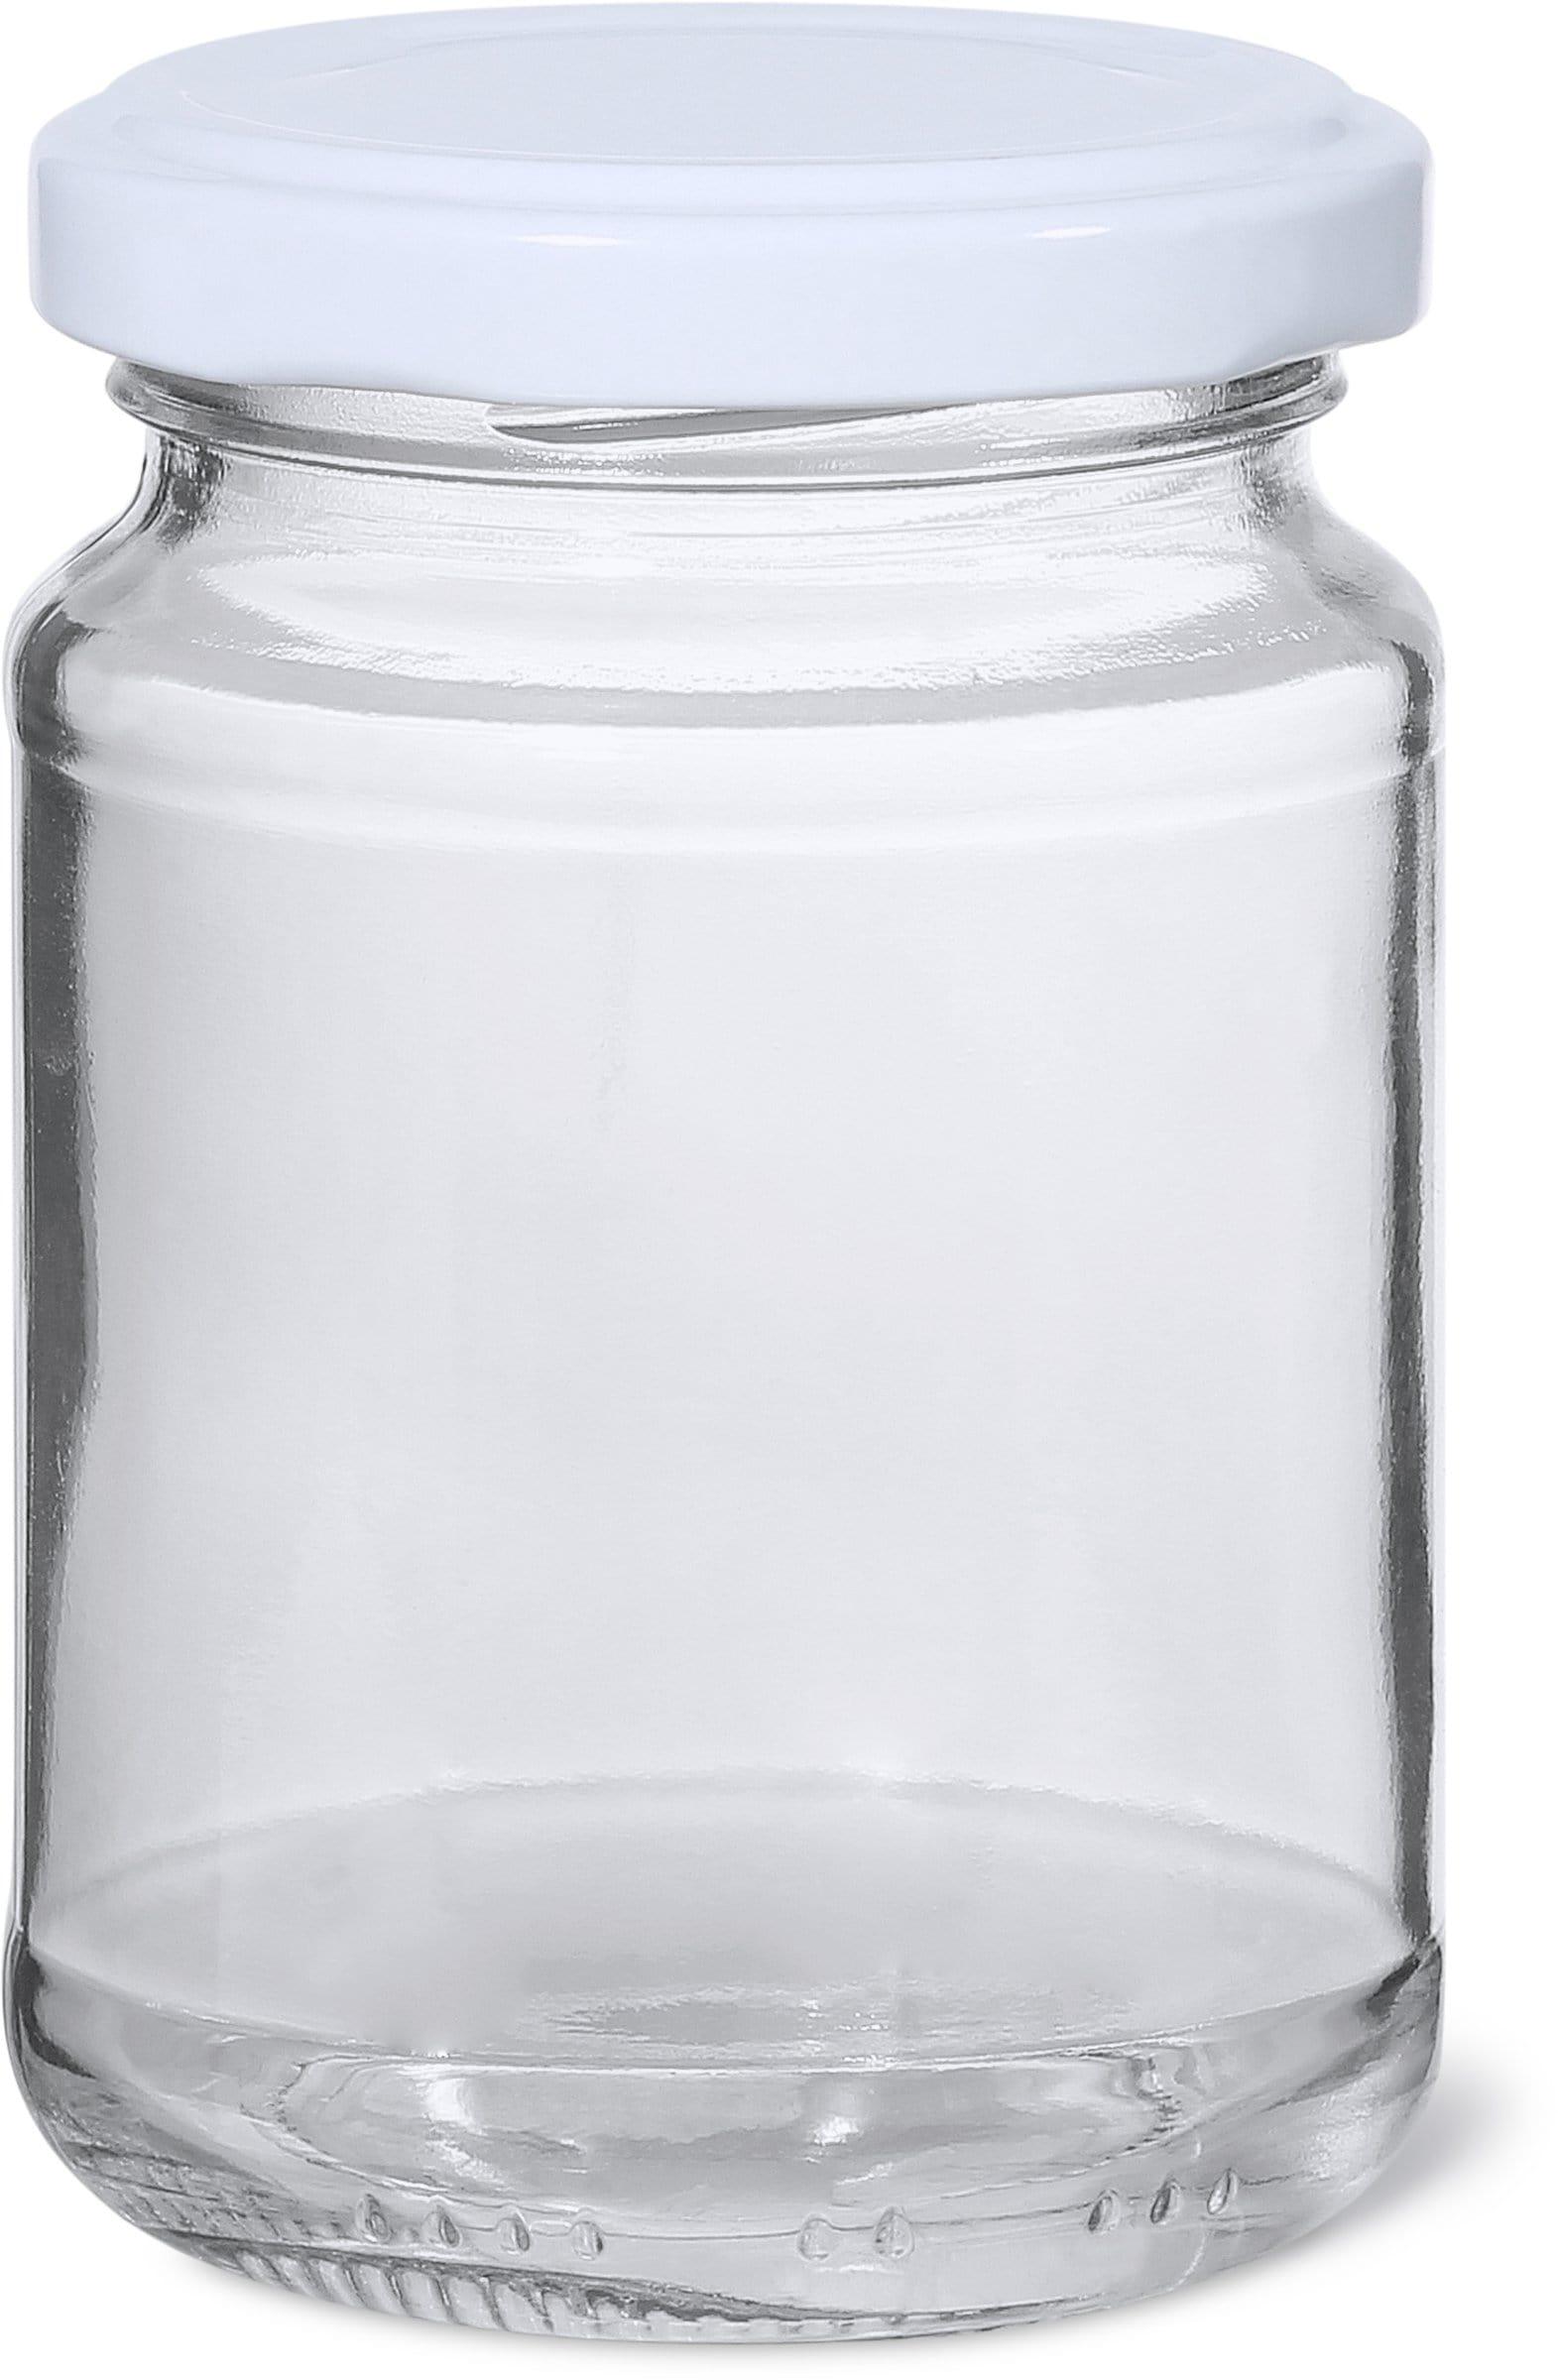 Cucina & Tavola Pot de miel 20.5cl